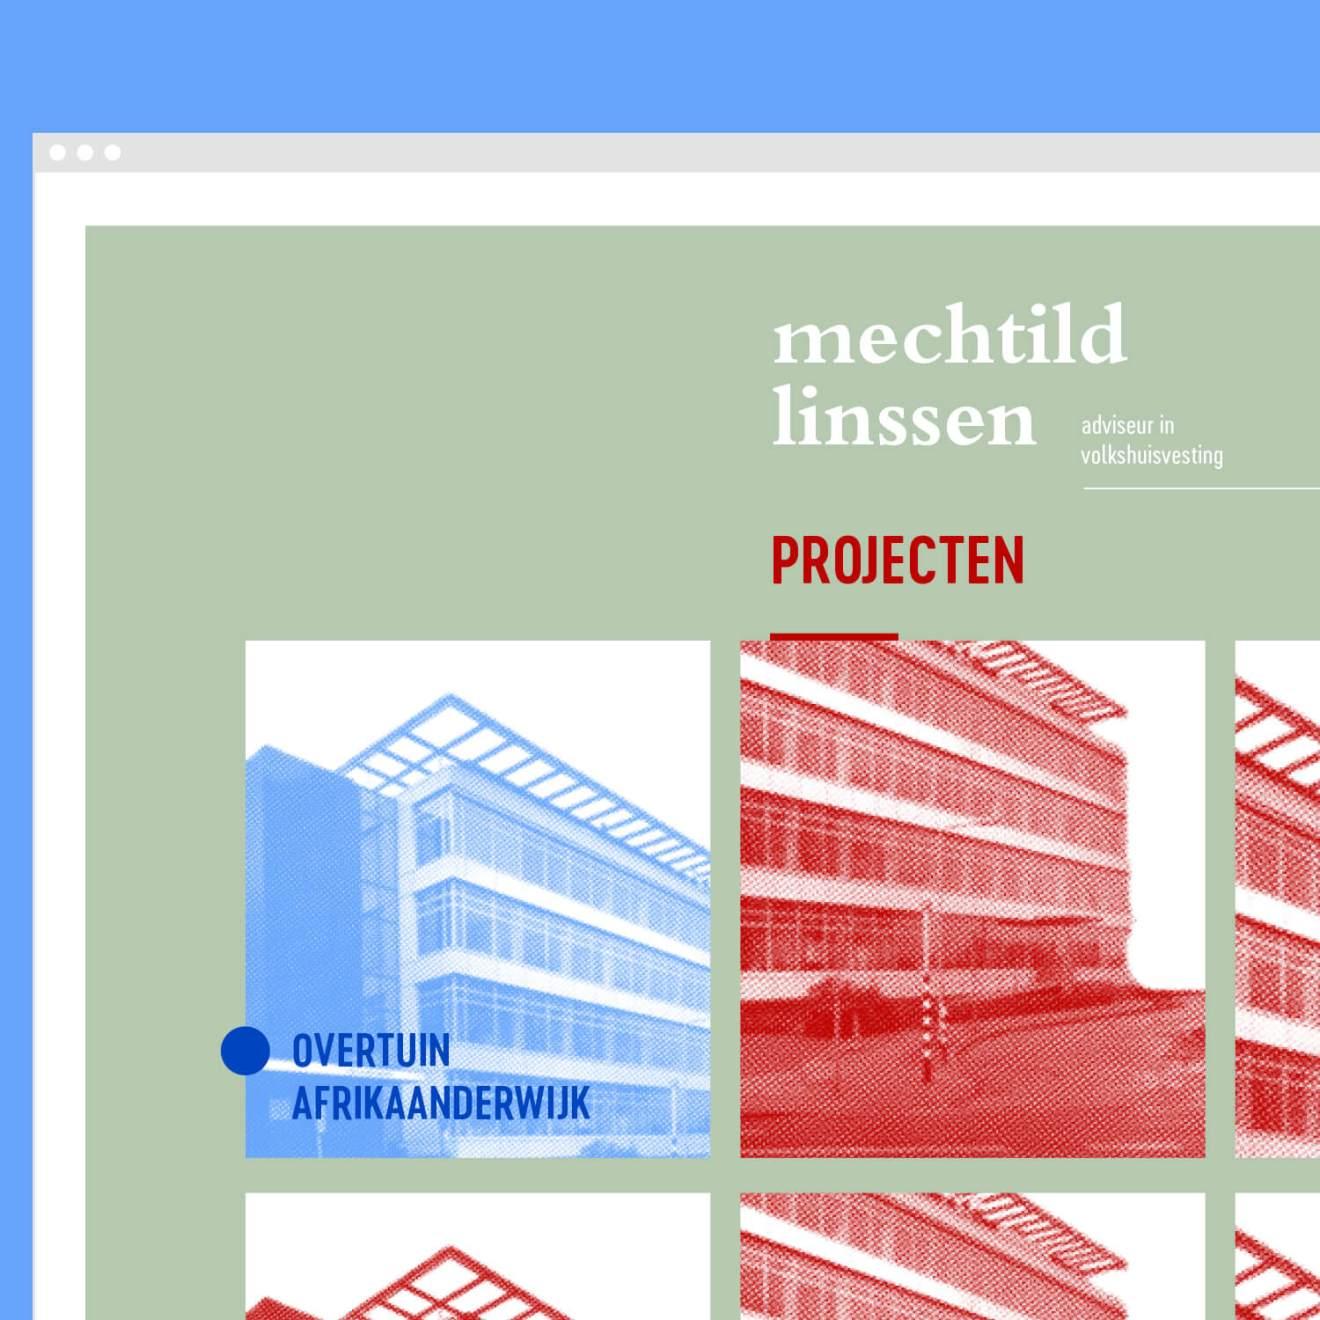 Mechtild Linssen visuele identiteit en website door Kwartier M